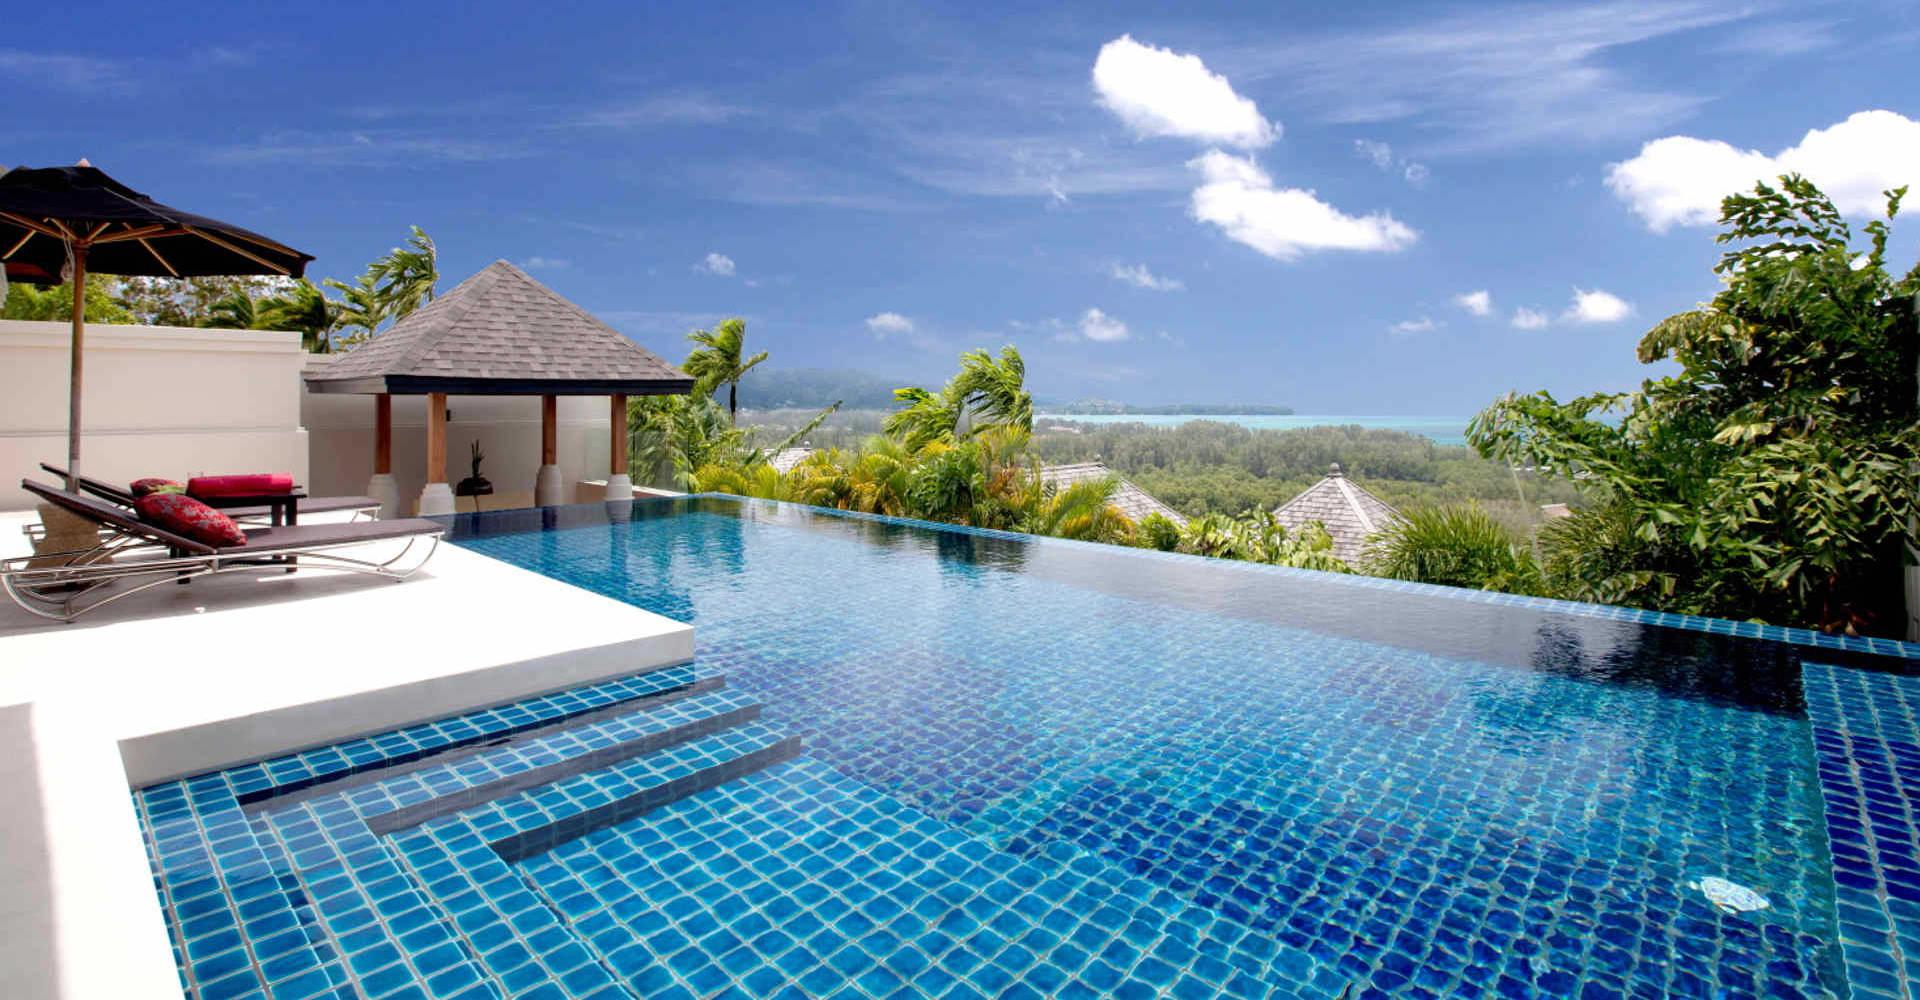 Villas & Suites - The Pavilions Phuket